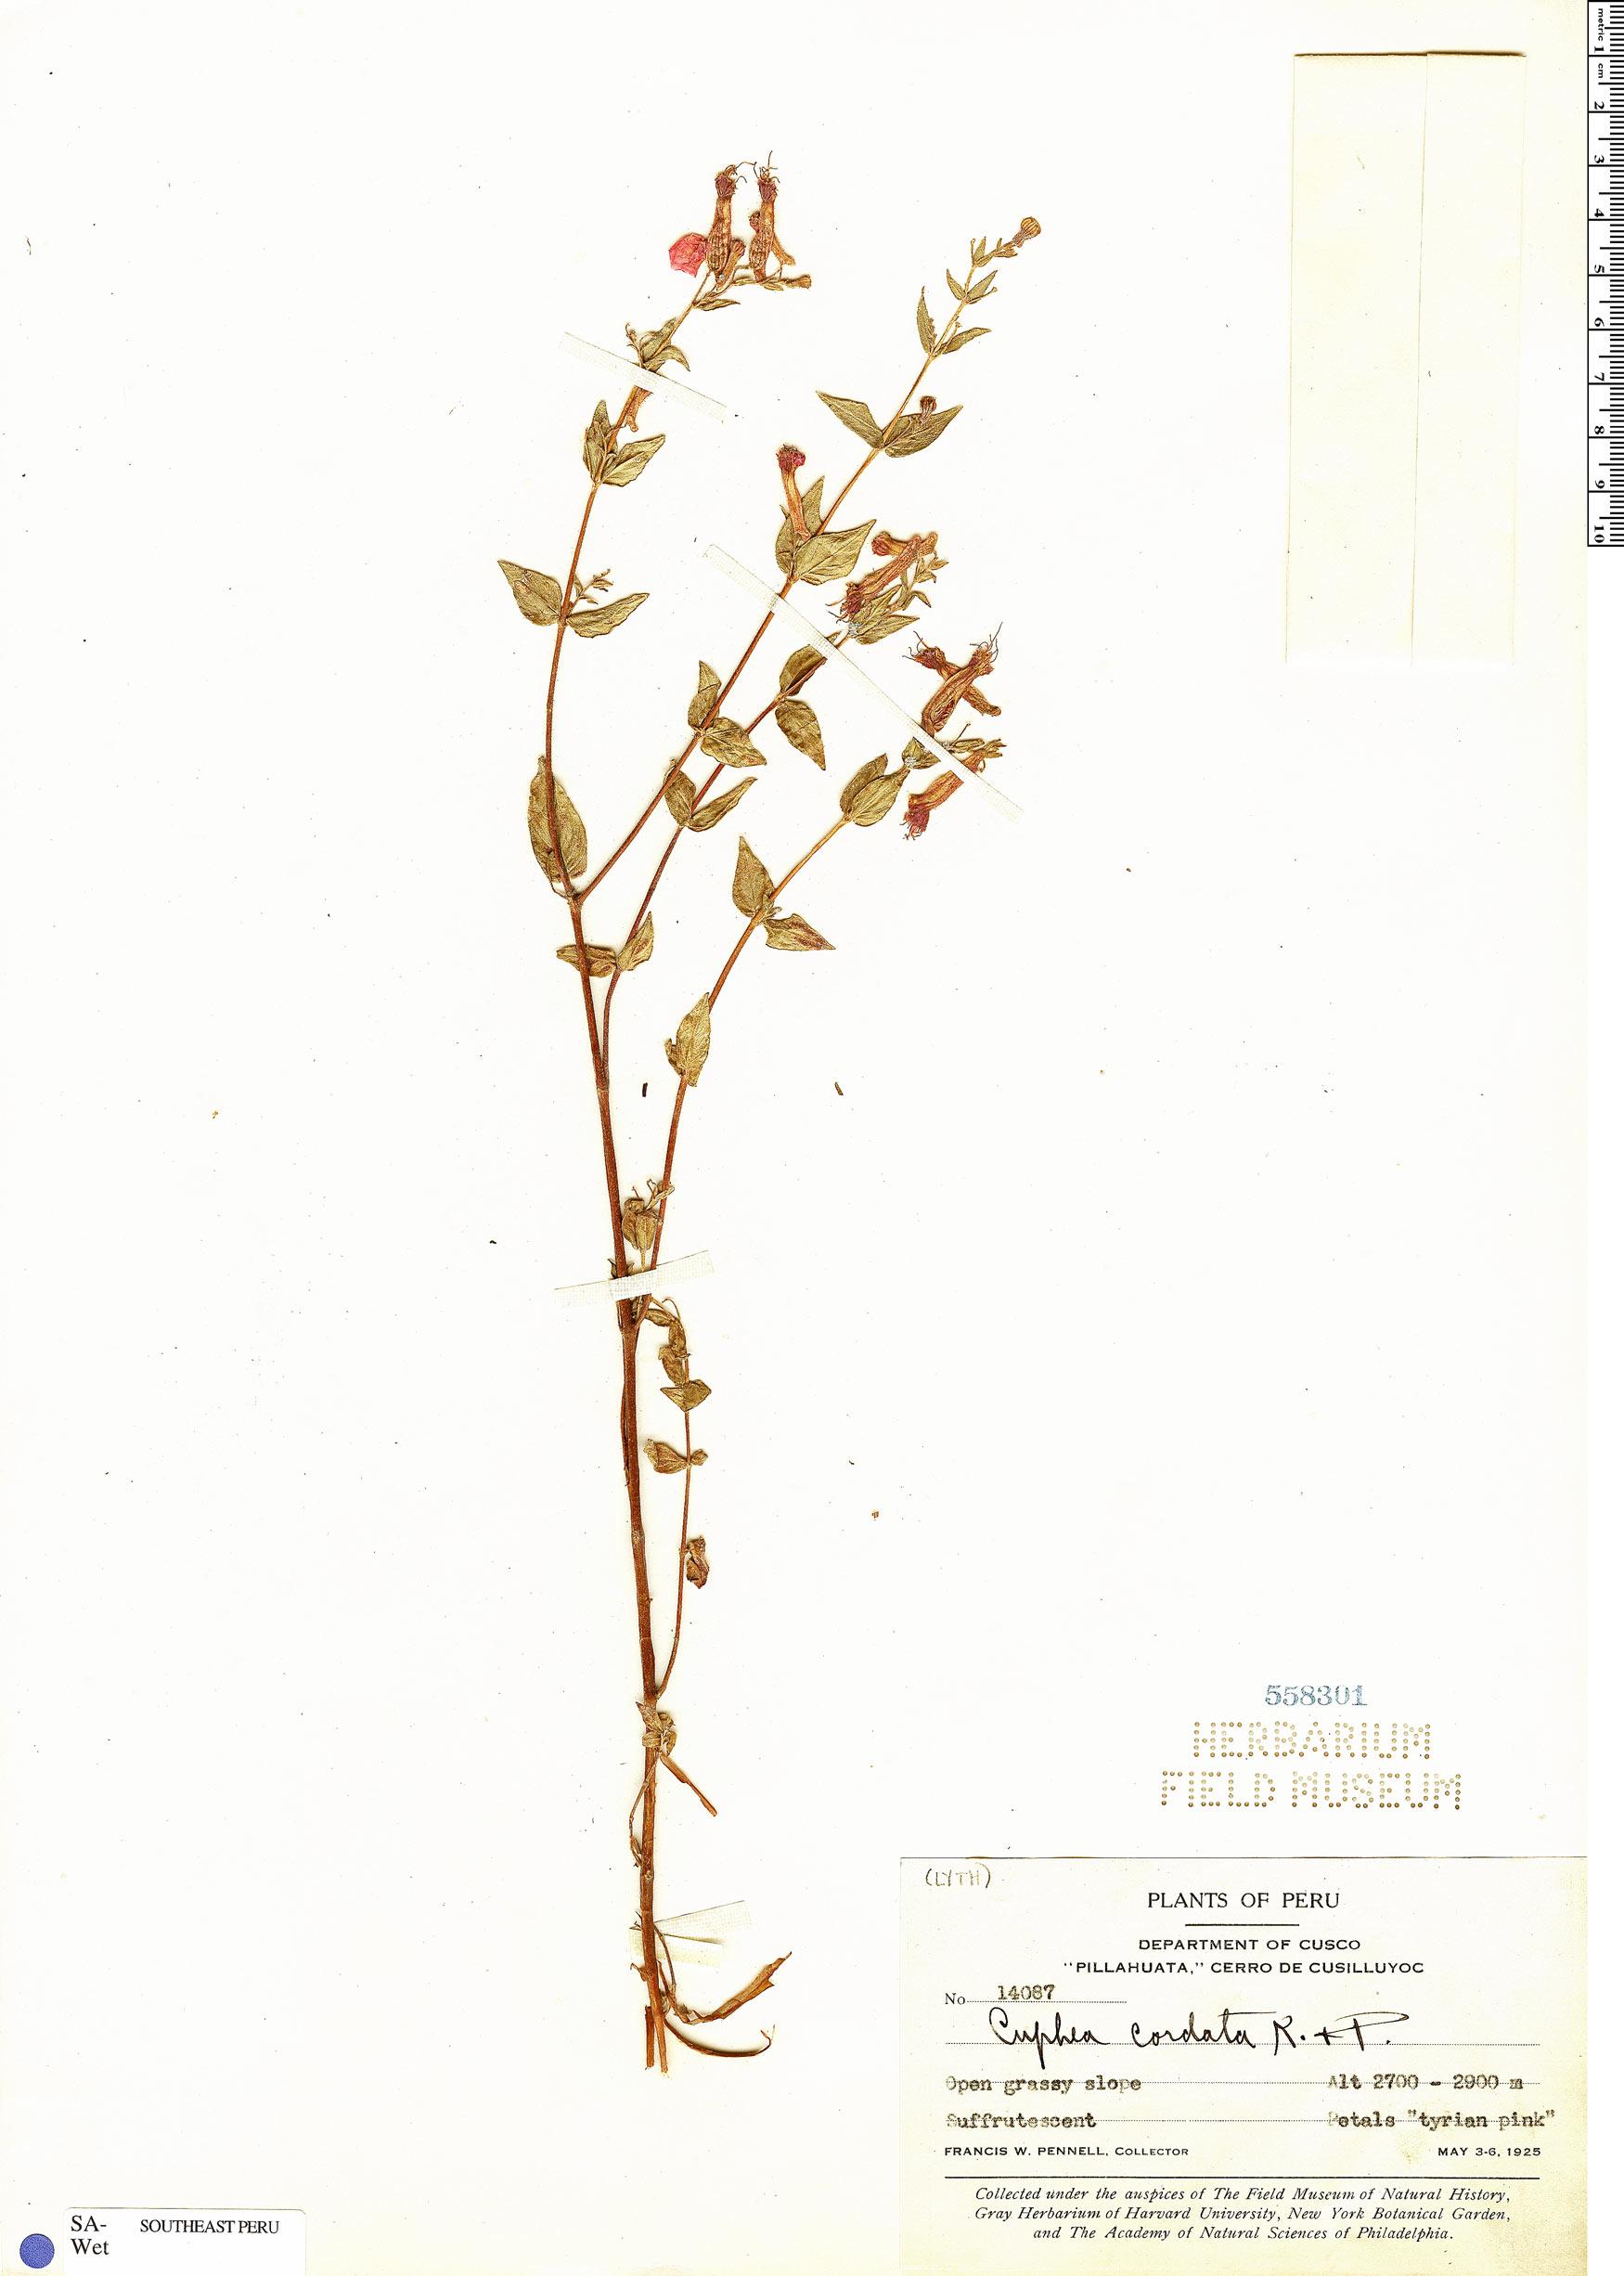 Specimen: Cuphea cordata